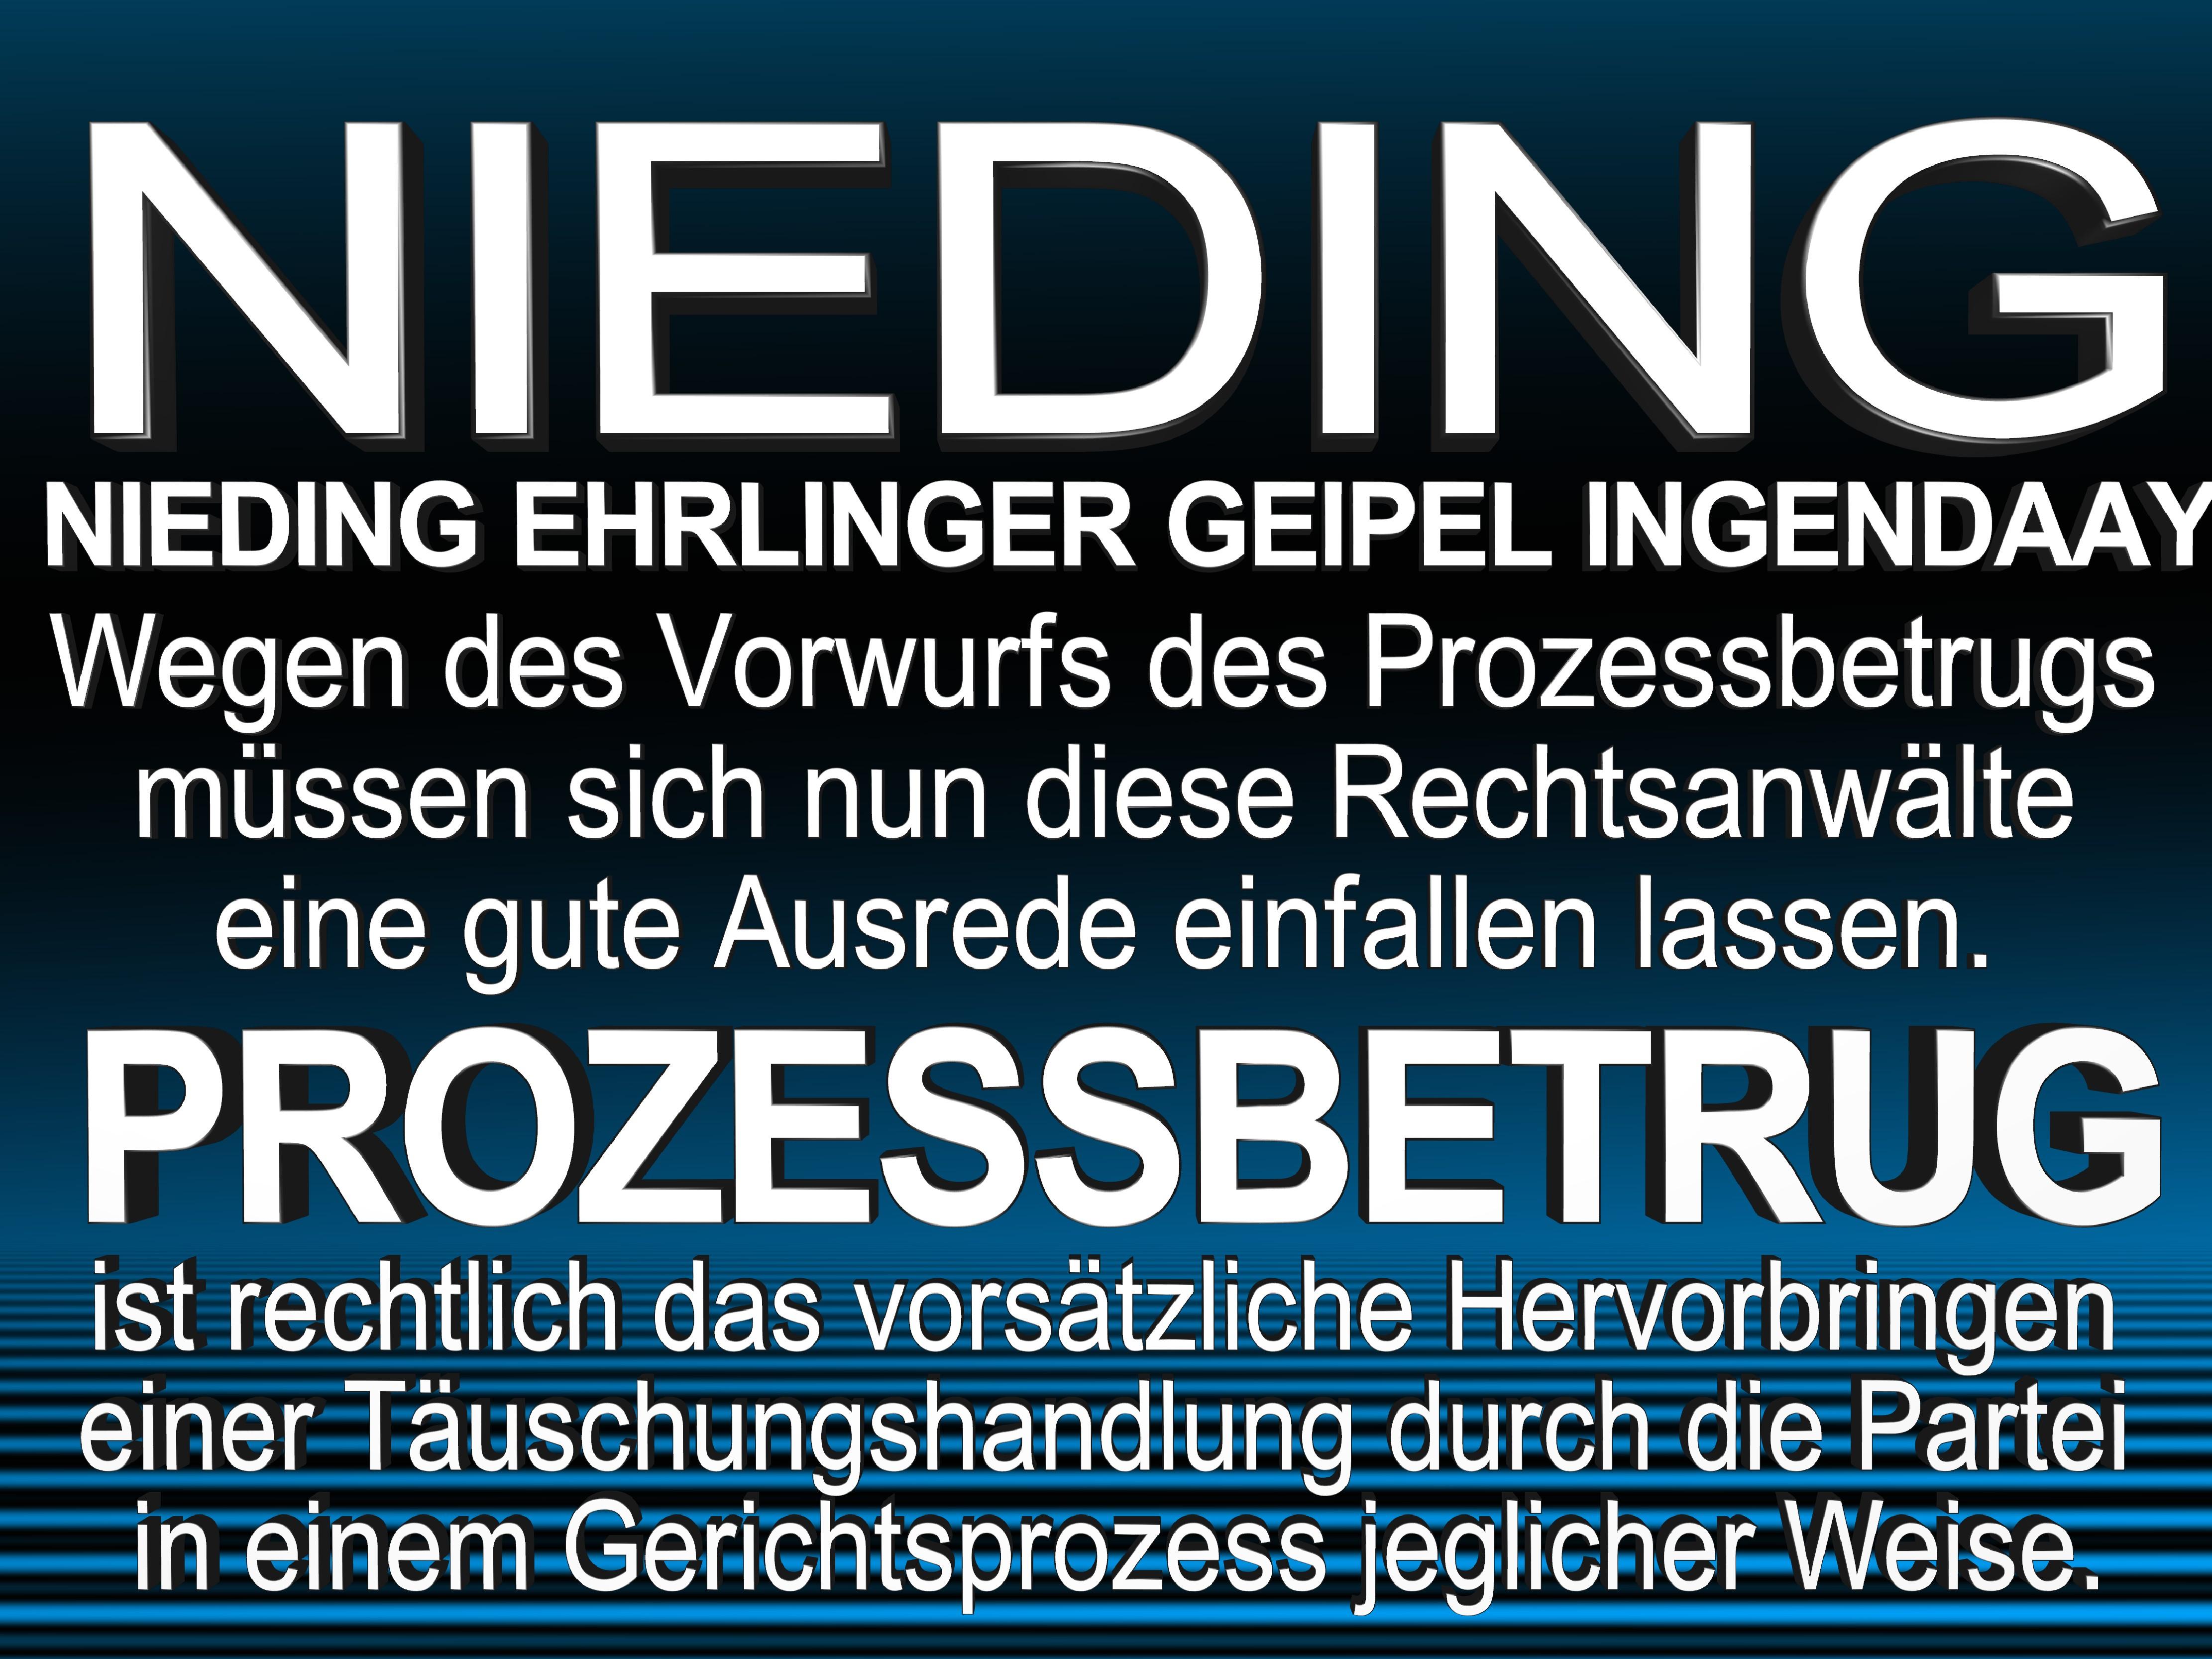 NIEDING EHRLINGER GEIPEL INGENDAAY LELKE Kurfürstendamm 66 Berlin (121)